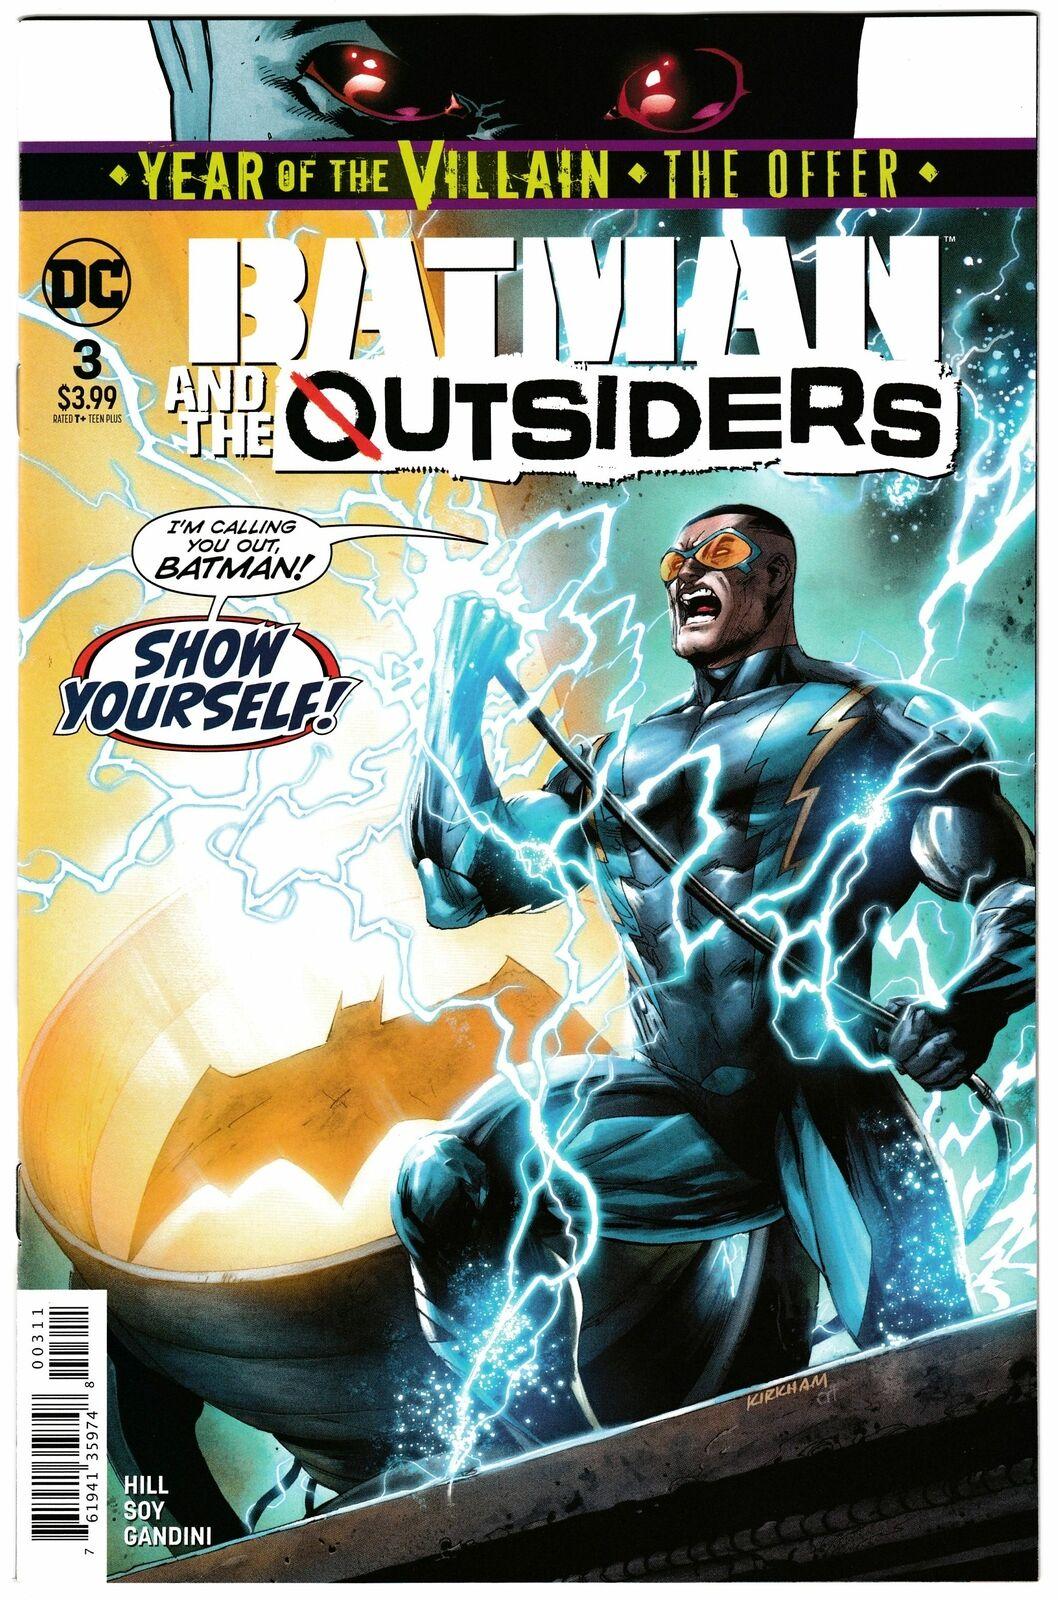 Critter #20 B Vol 2 Broomall Hutchison Ossio 1st Edition BDI Comic Book NM th3